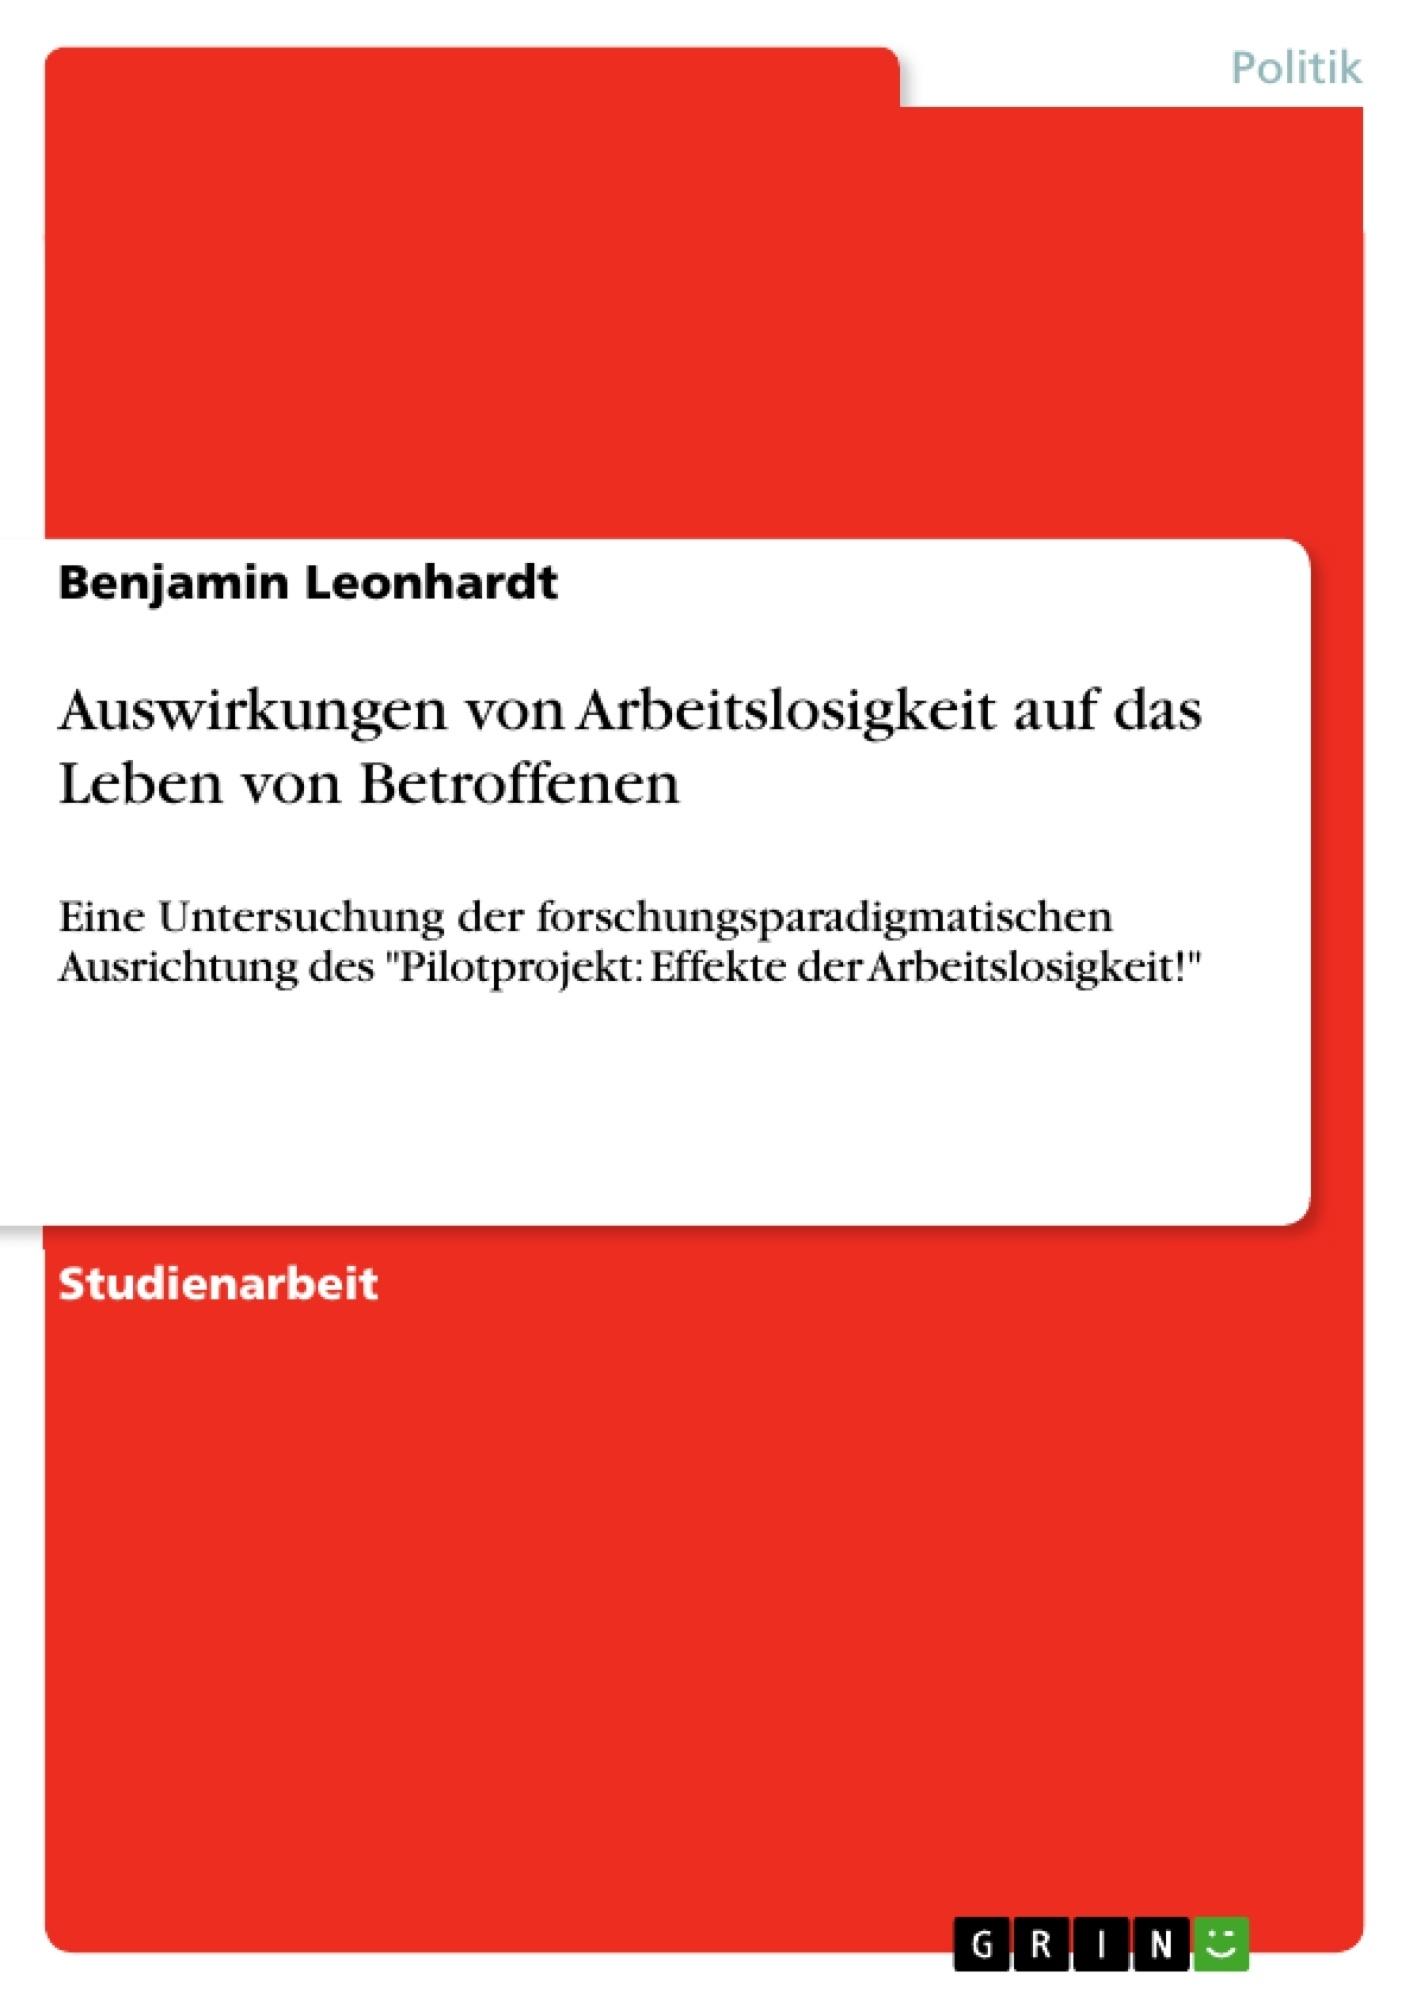 Titel: Auswirkungen von Arbeitslosigkeit auf das Leben von Betroffenen